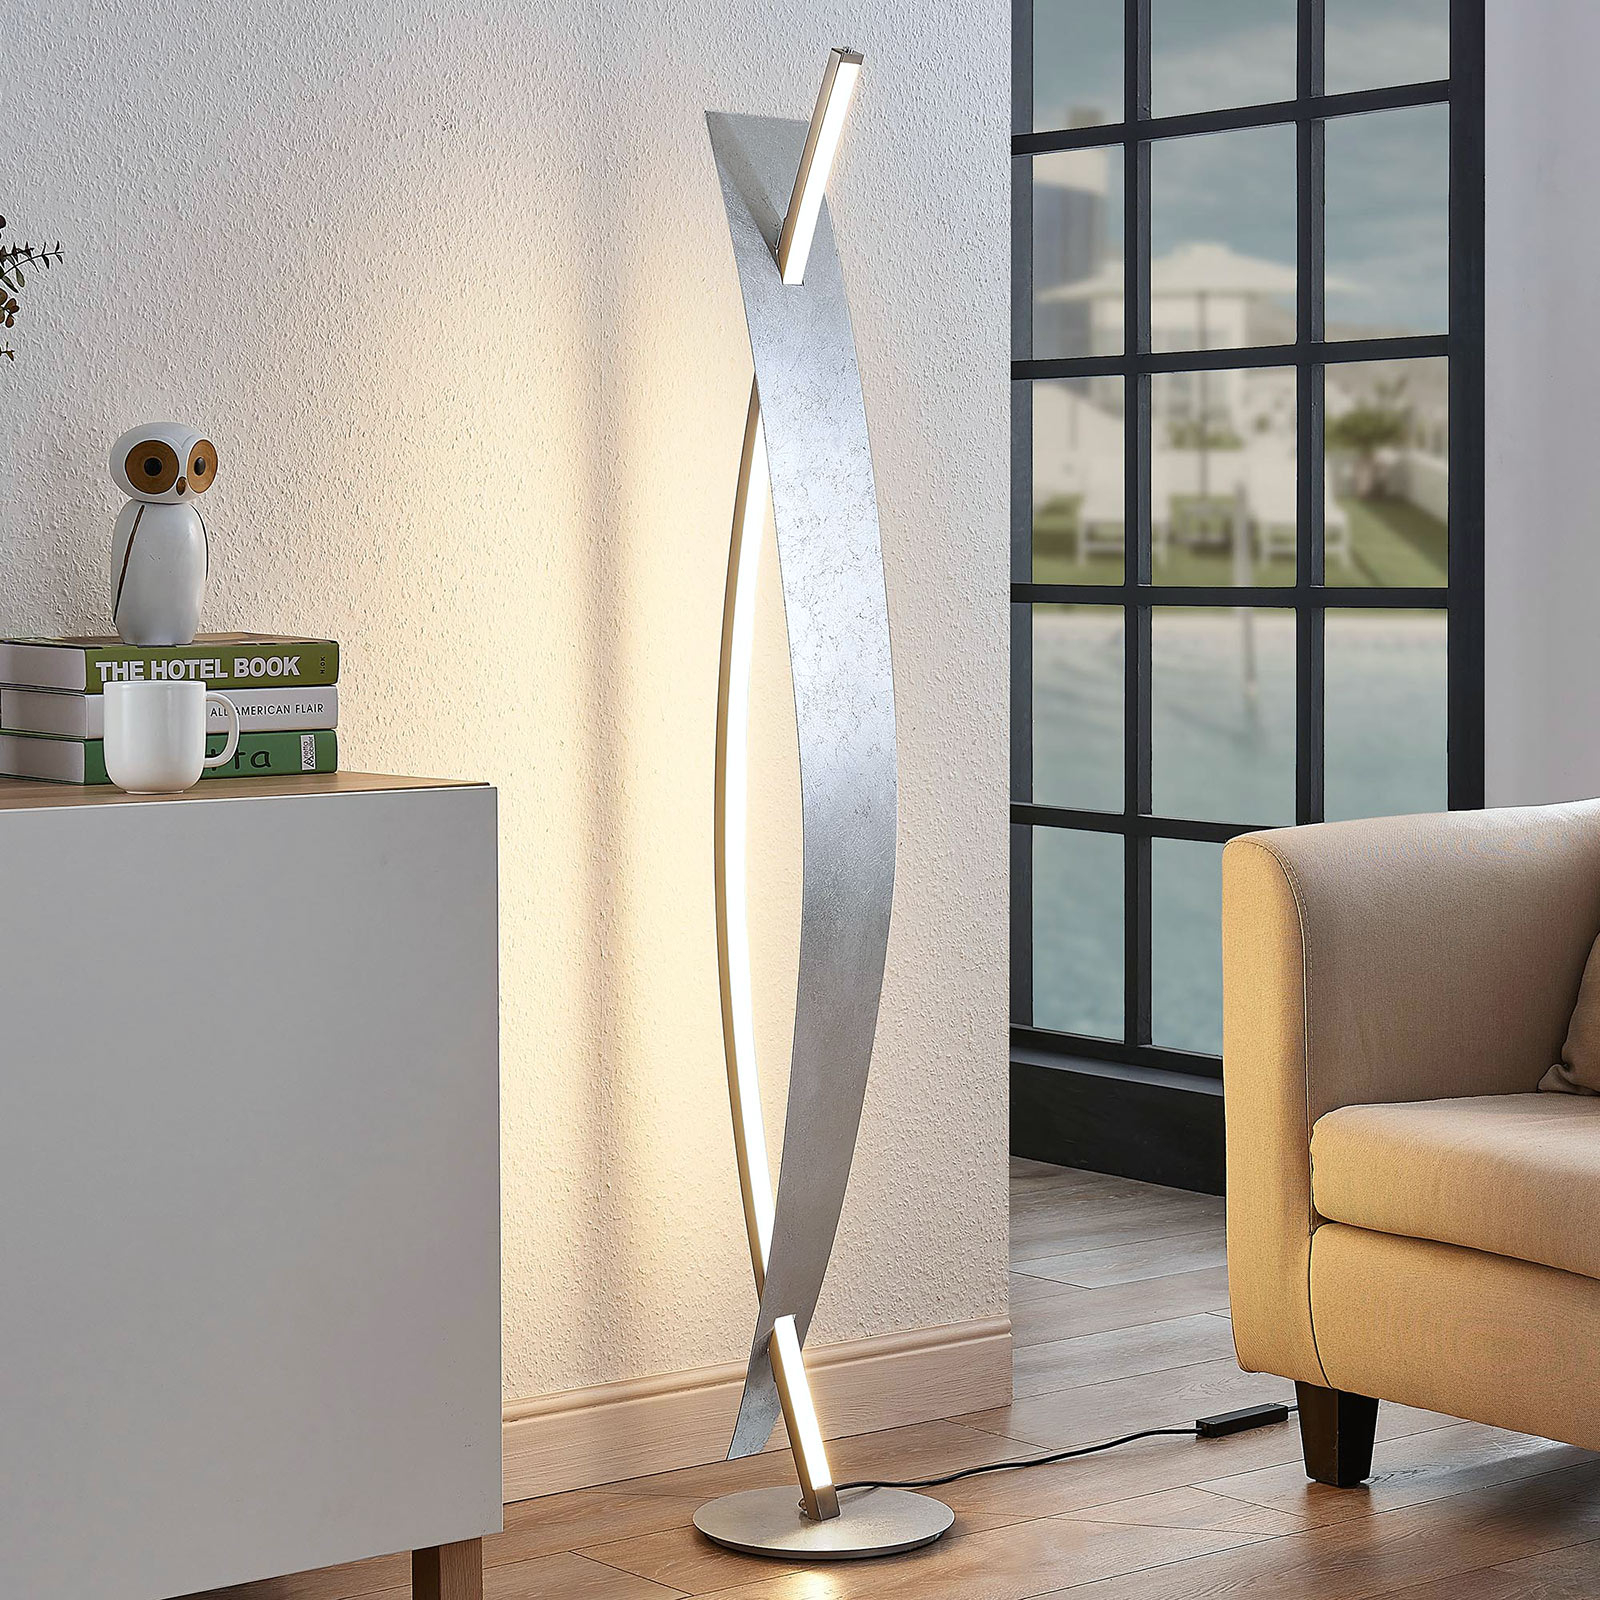 LED-lattiavalaisin Marija, hopeanvärinen